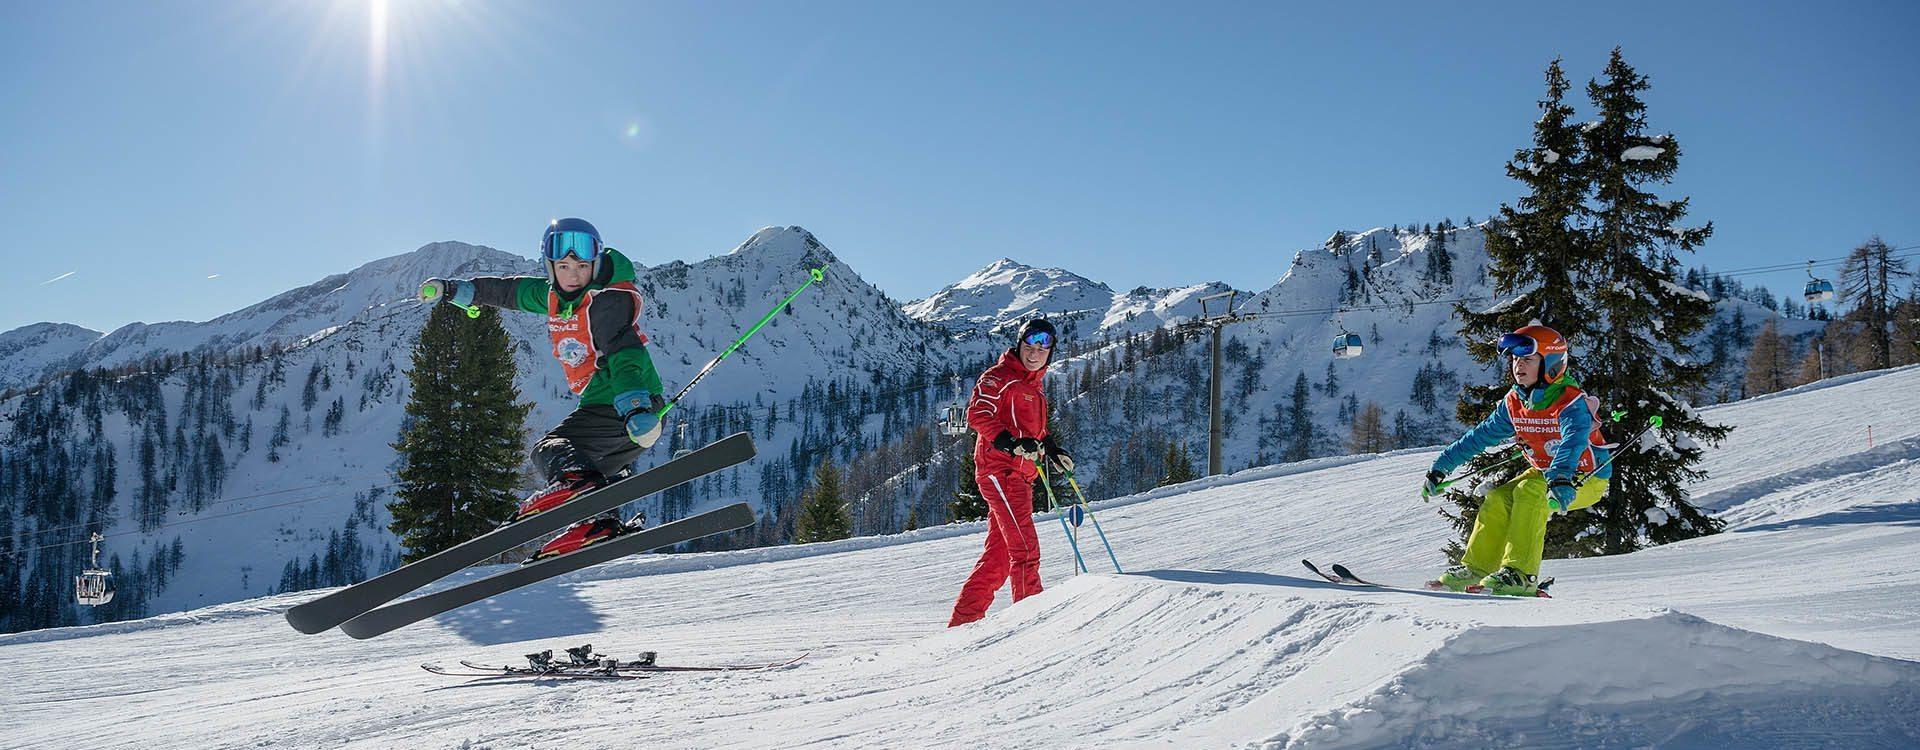 Skikurse für Kinder – Schischule Top Alpin in Altenmarkt-Zauchensee, Ski amadé